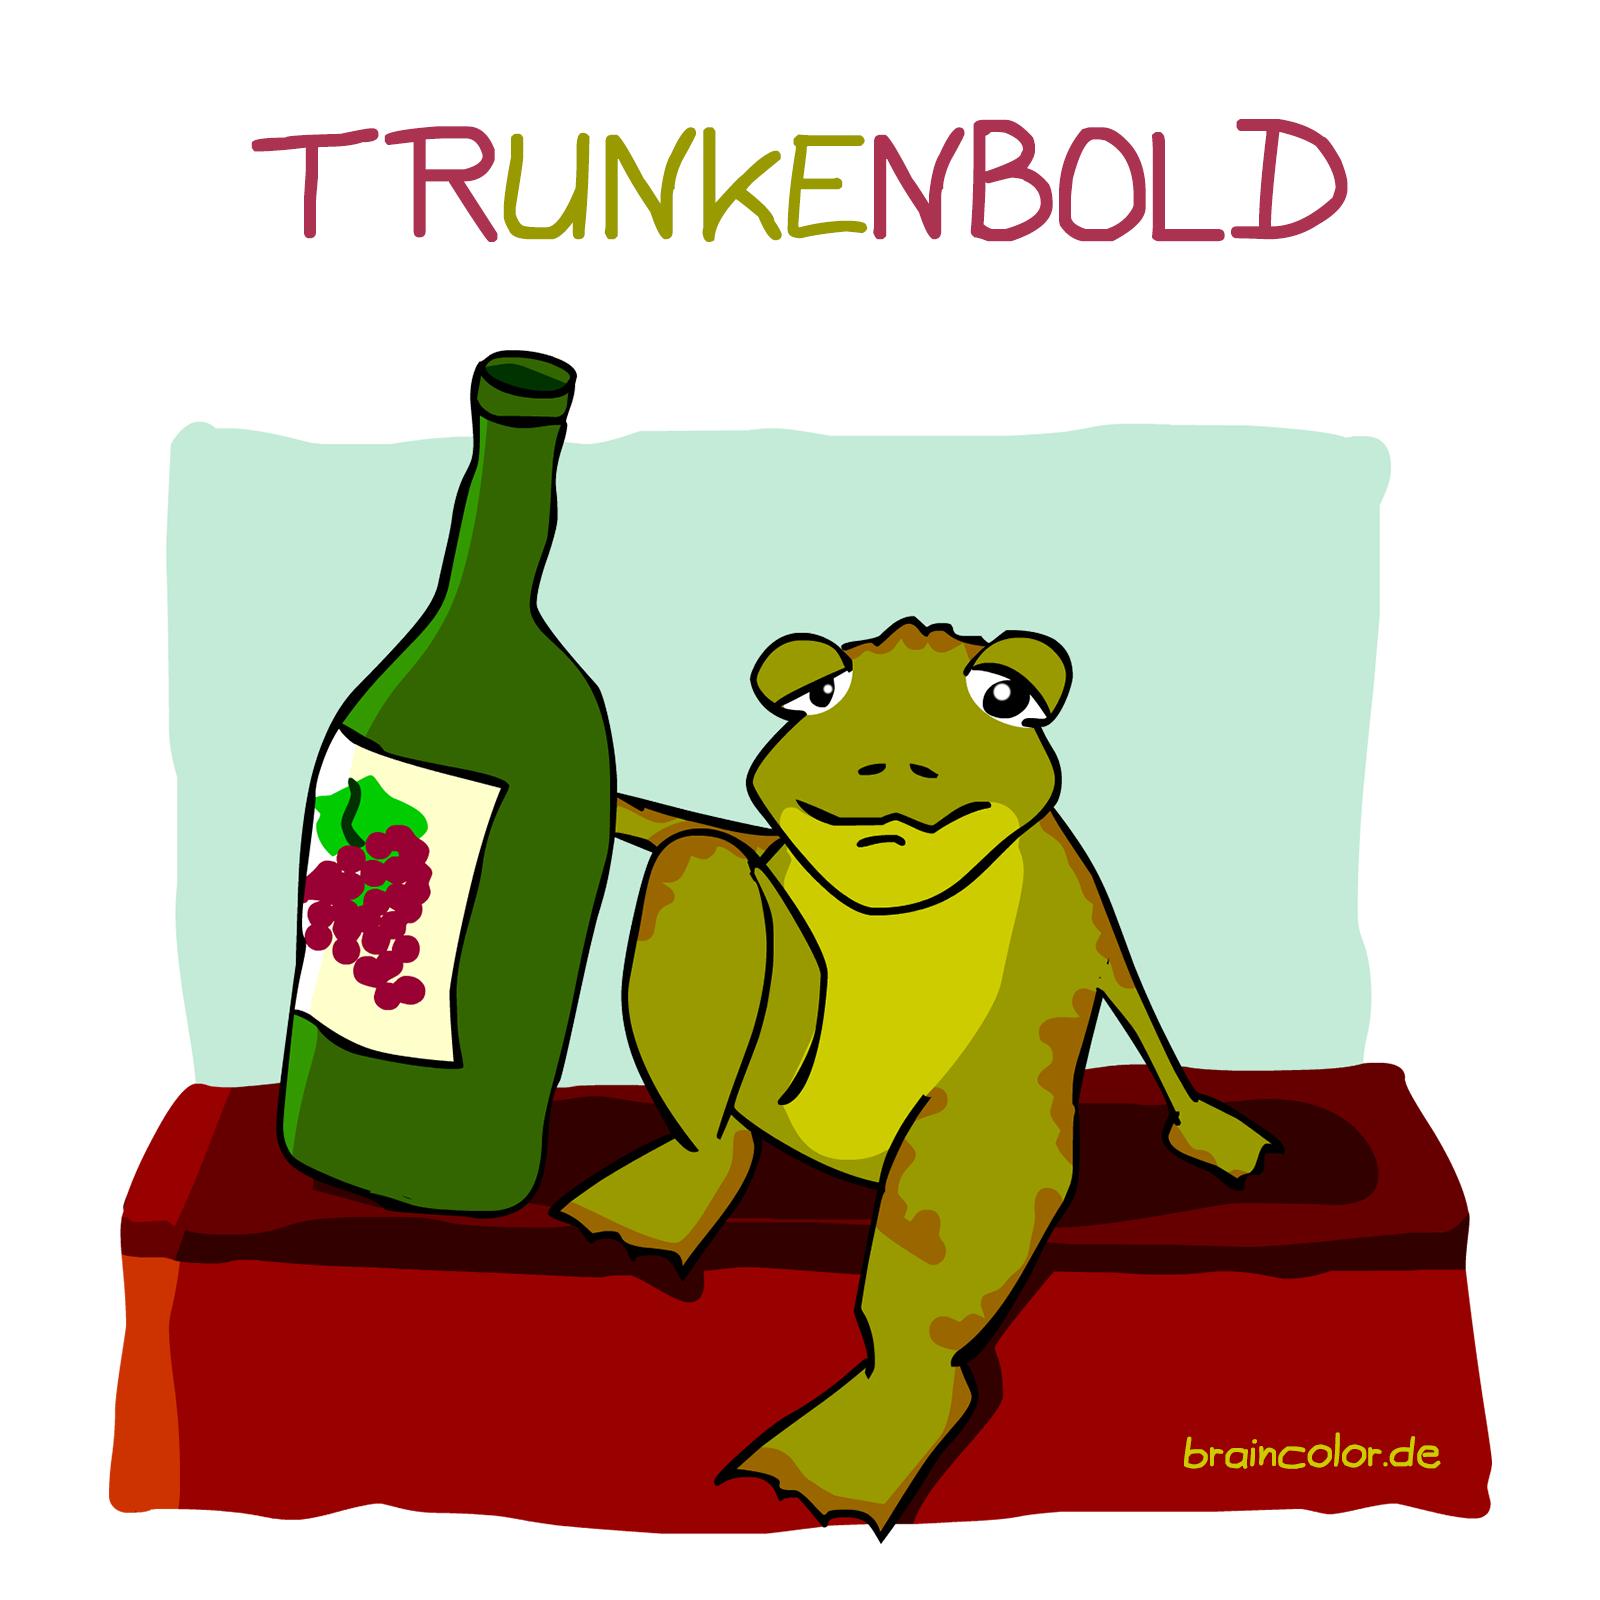 Trunkenbold